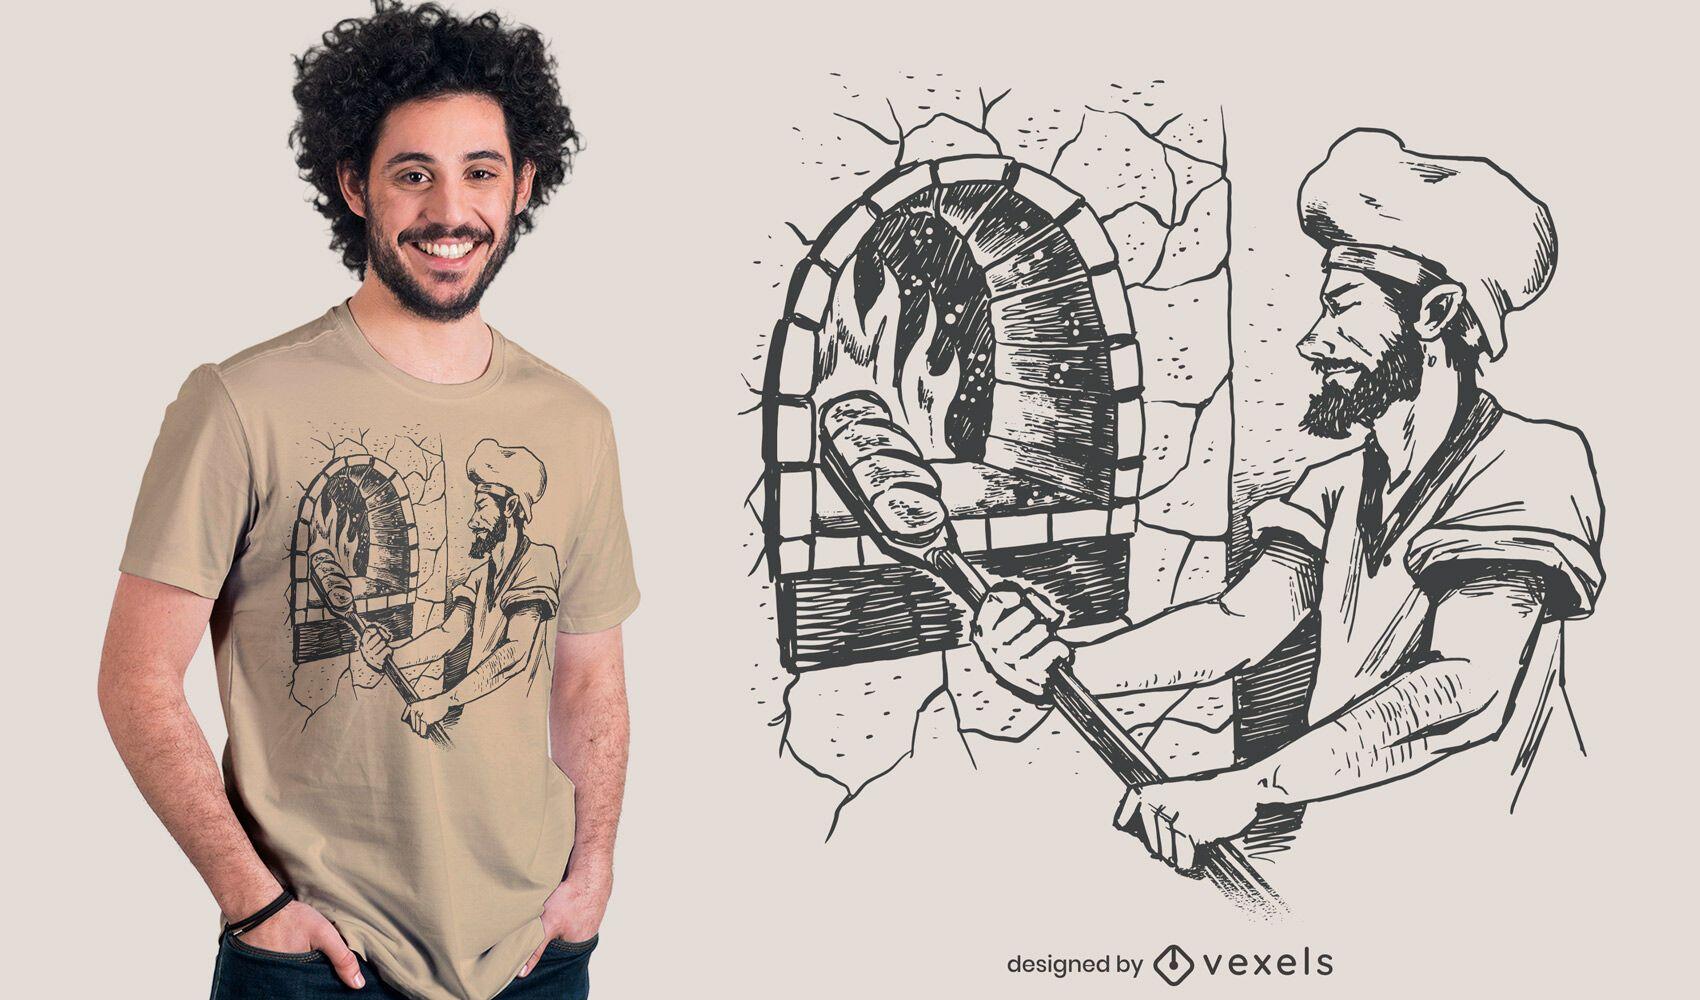 Baker working hand drawn t-shirt design